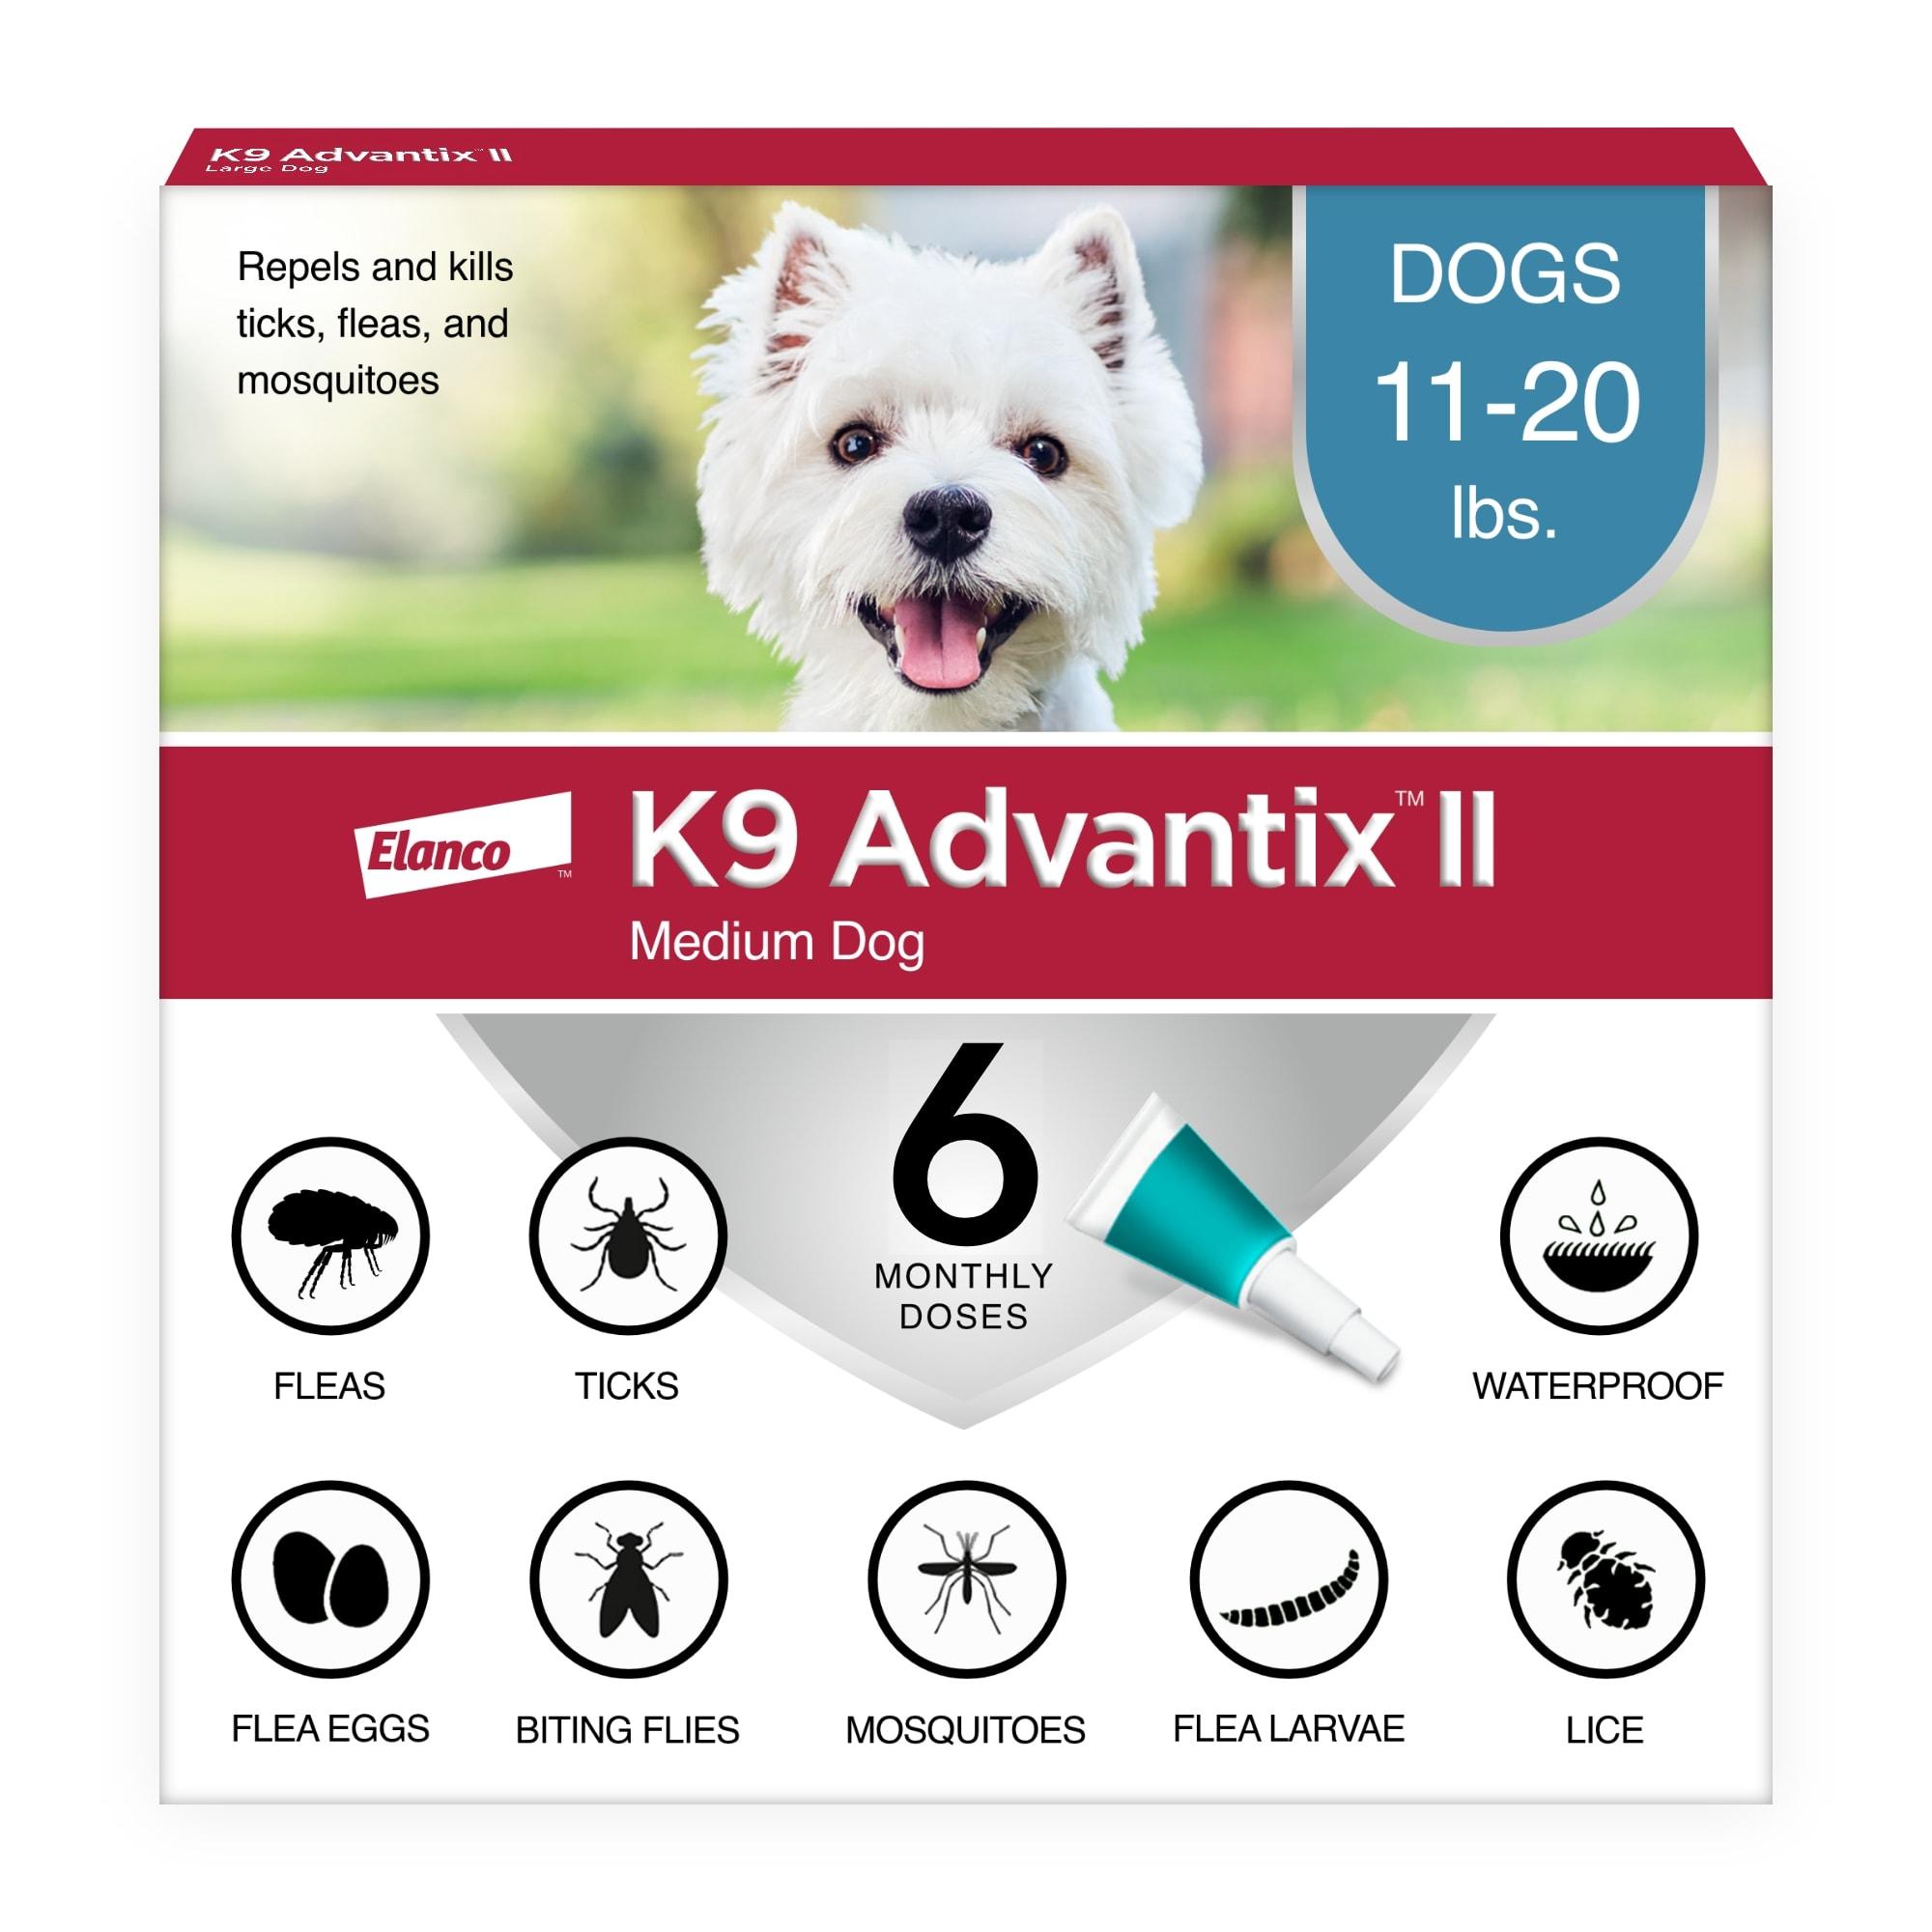 K9 Advantix II Topical Medium Dog Flea & Tick Treatment -  P5006162